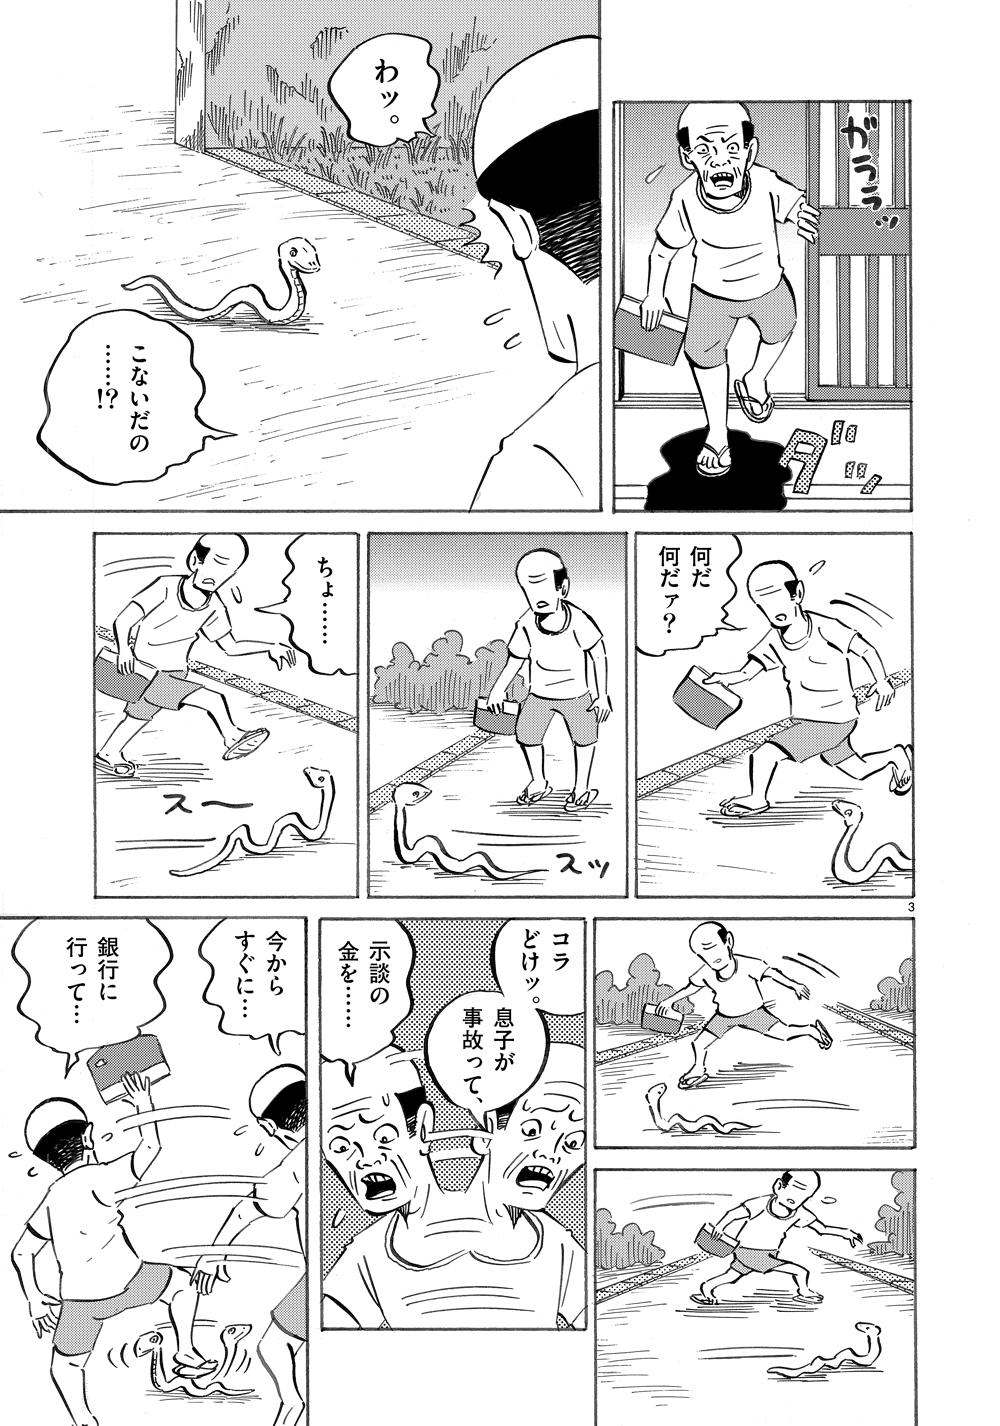 琉球怪談 【第8話】WEB掲載3ページ目画像